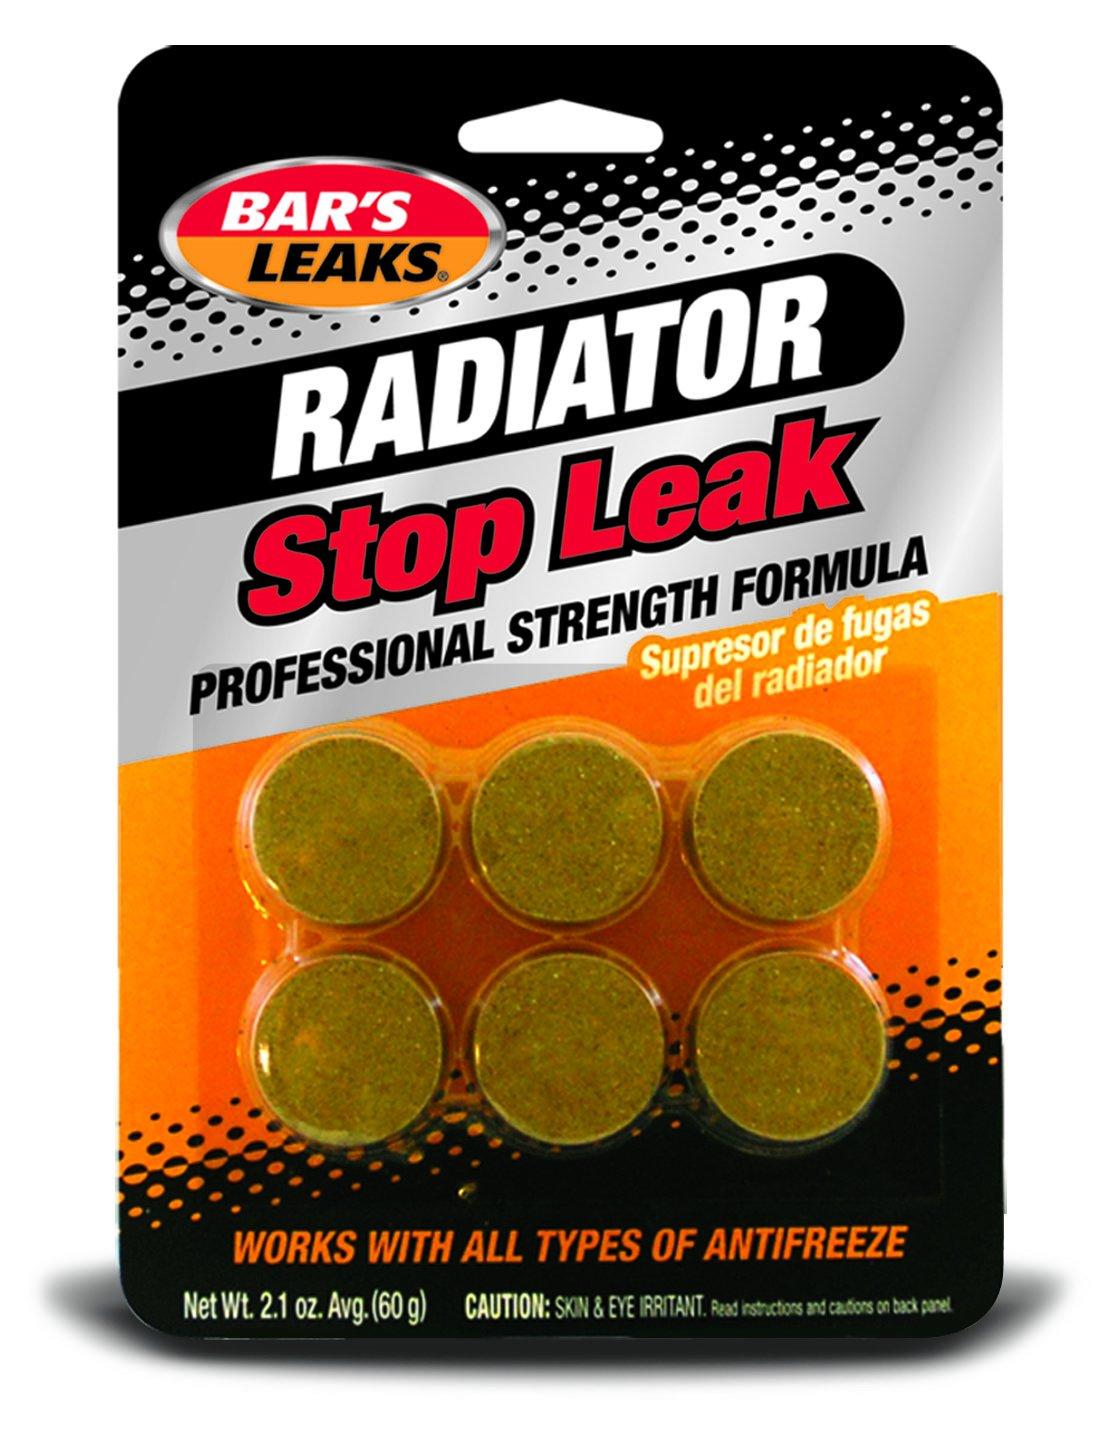 Bar's Leaks HDC-12PK Radiator Stop Leak Tablet - 2.1 oz, (Pack of 12)